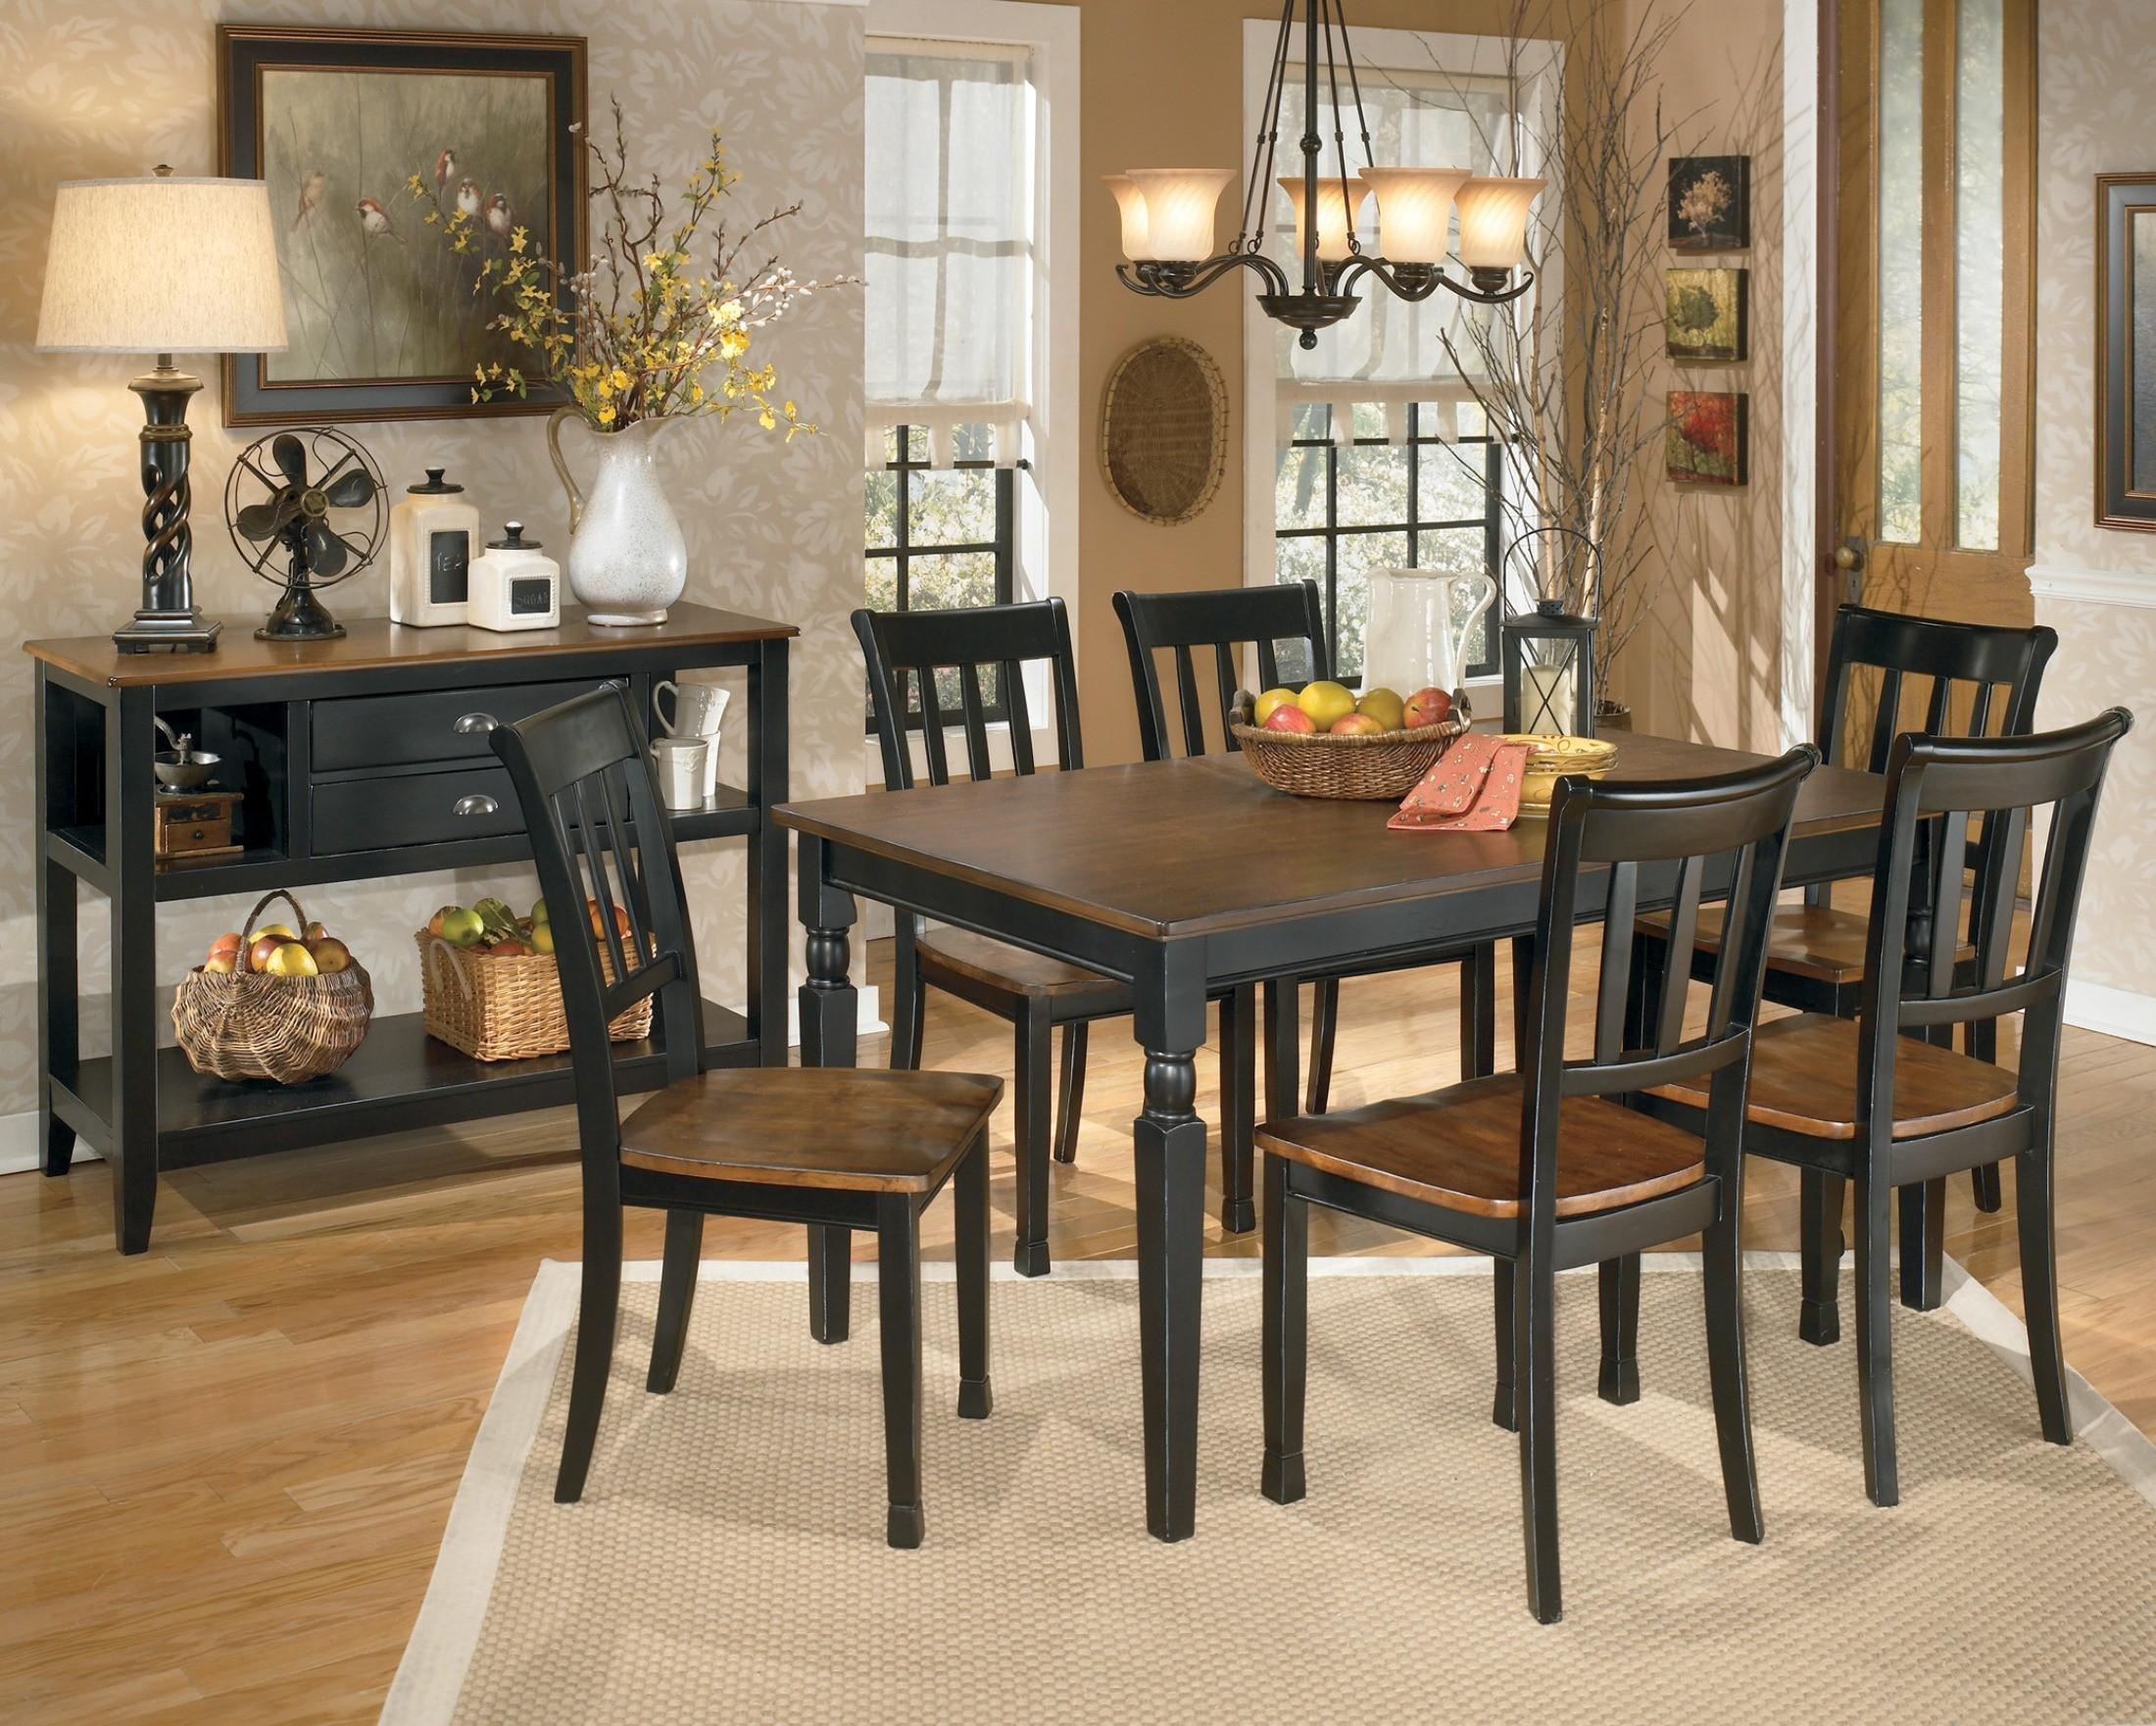 owingsville rectangular dining room set from ashley d580 coleman furniture. Black Bedroom Furniture Sets. Home Design Ideas